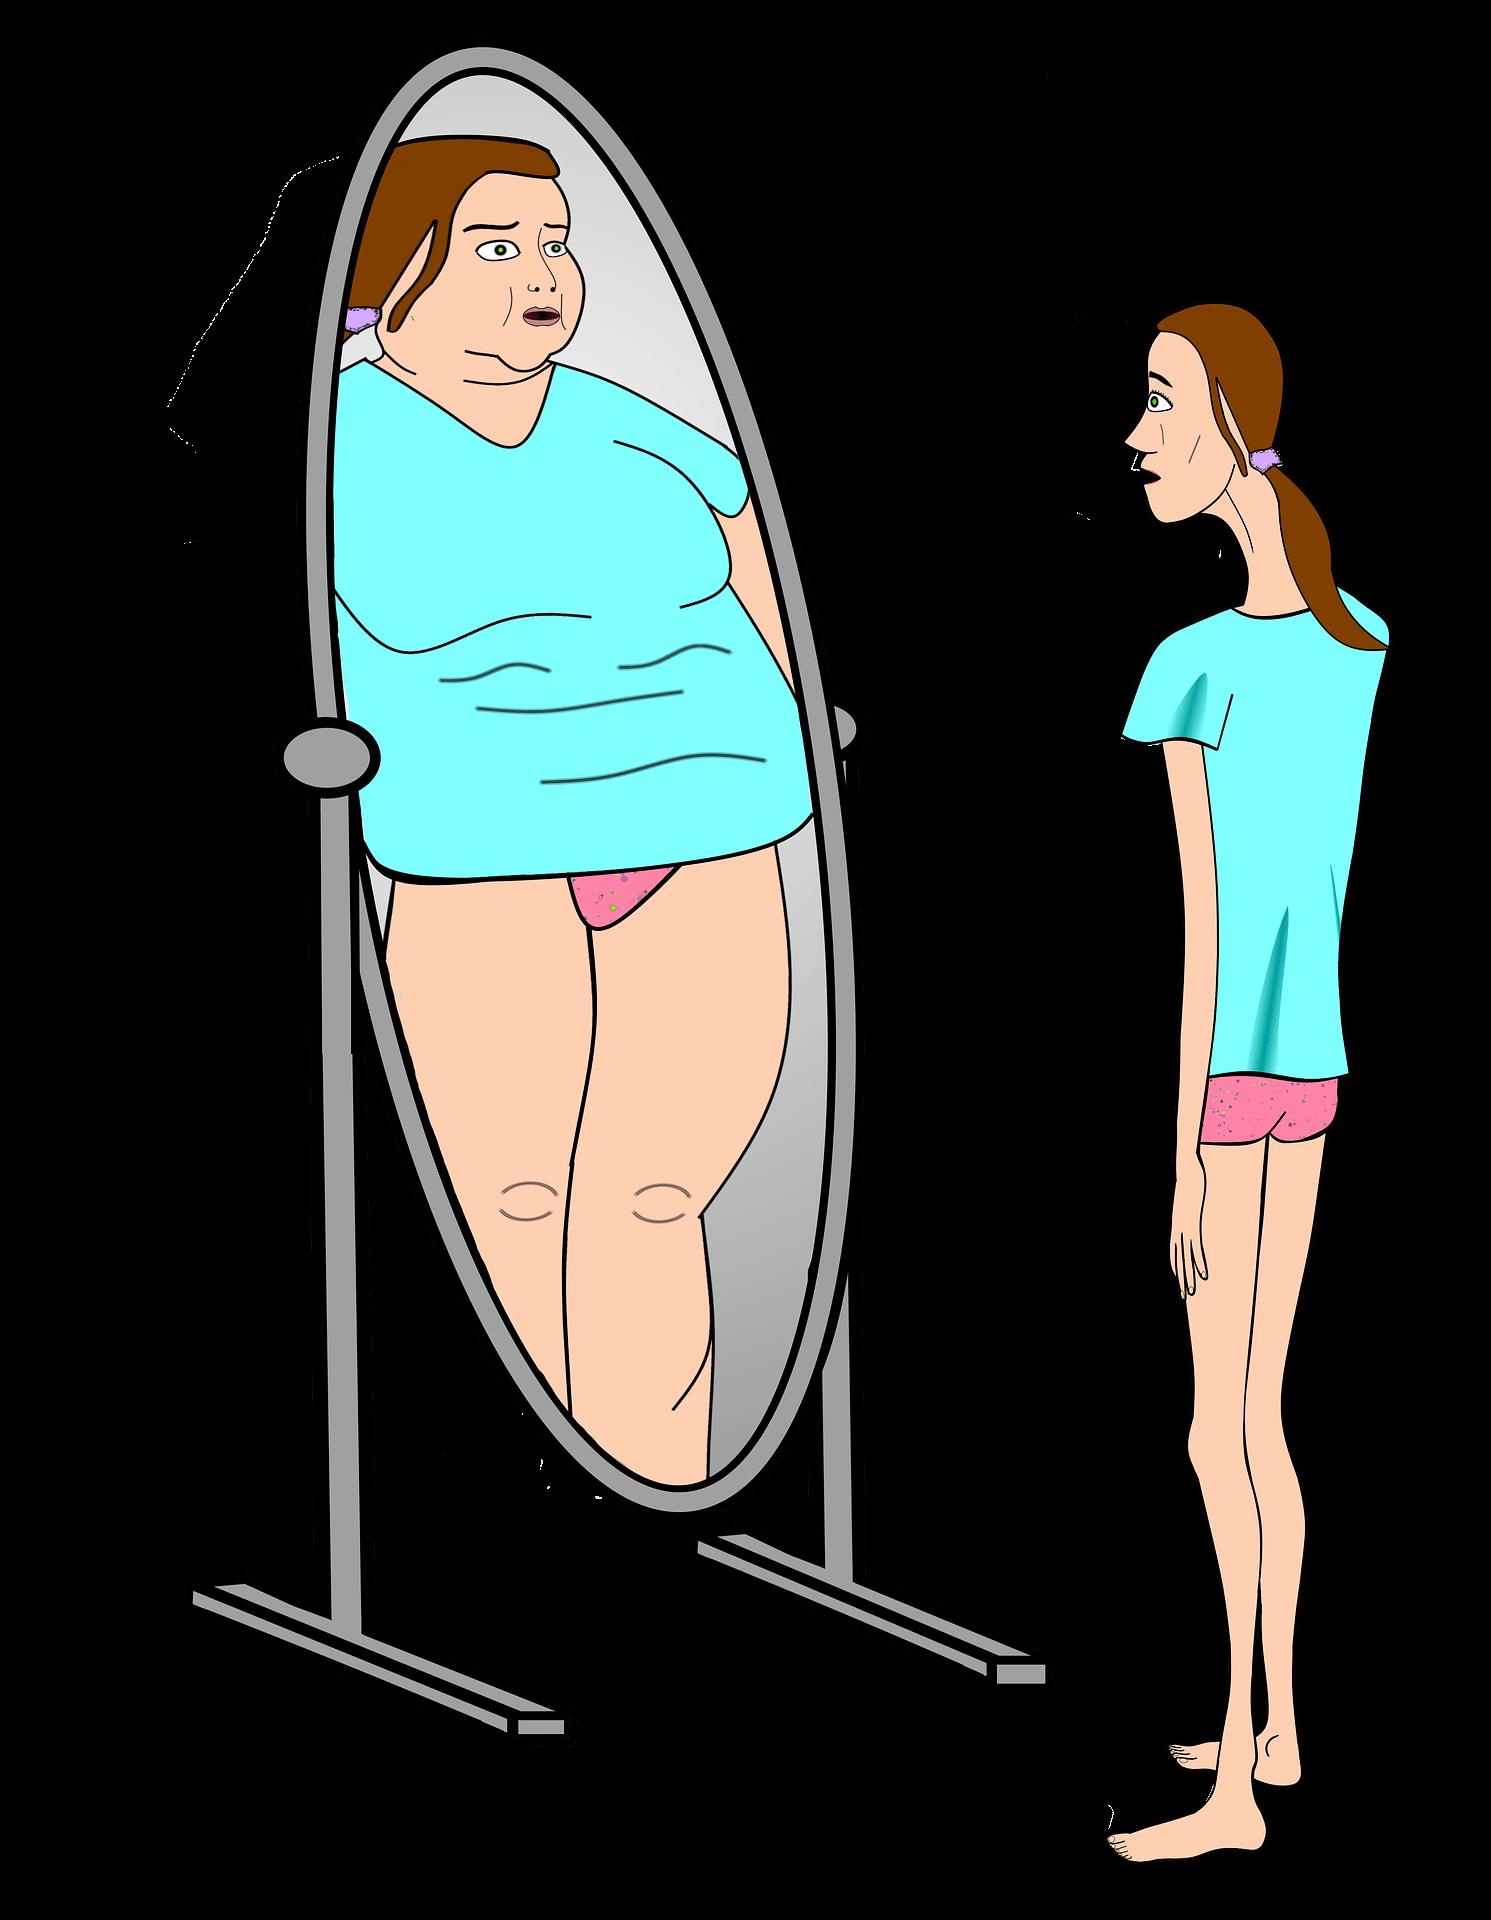 「摂食障害」食べ過ぎたり食べなさすぎは心の闇が原因?